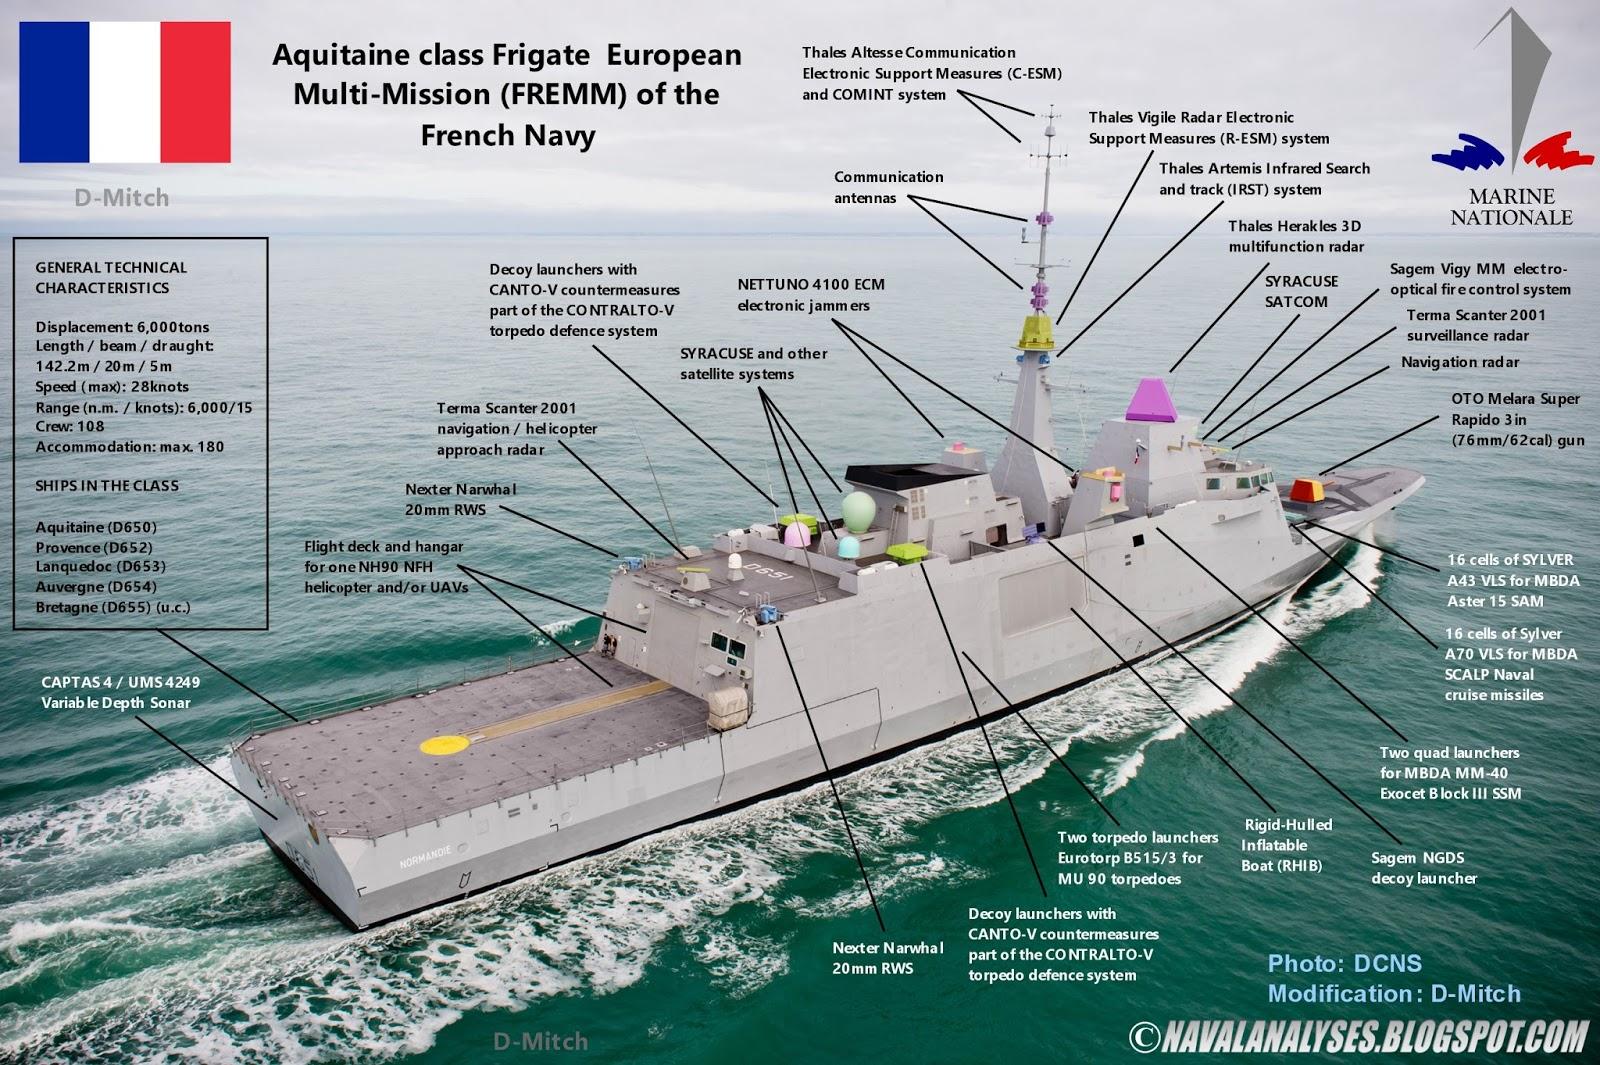 В связи с активностью России, Франция оснащает свои корабли приемниками GPS повышенной надежности